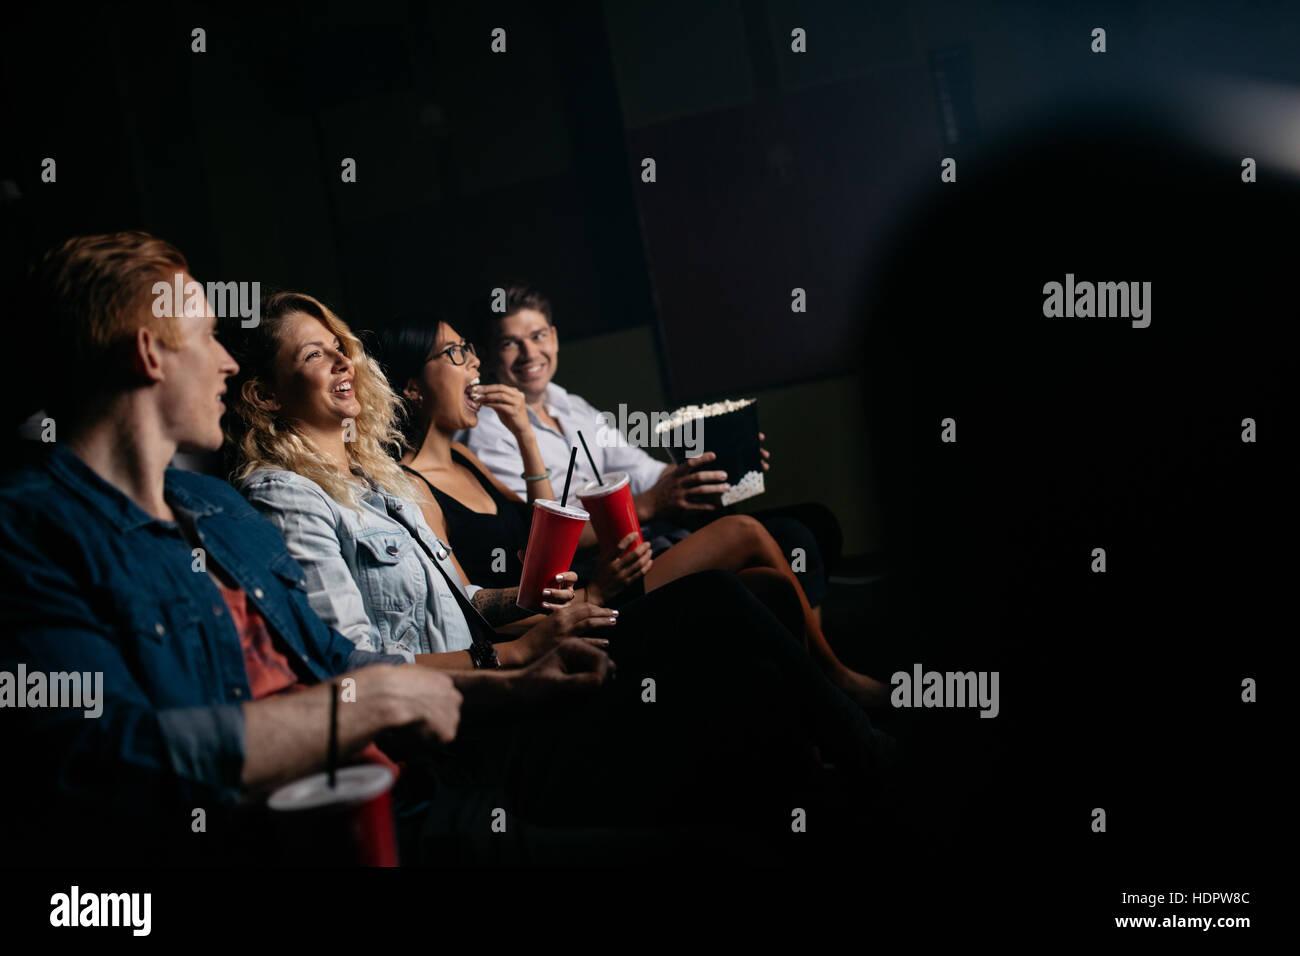 Gruppe von Freunden sitzen im multiplex-Kino mit Popcorn und Getränken. Junge Menschen Film im Kino. Stockbild